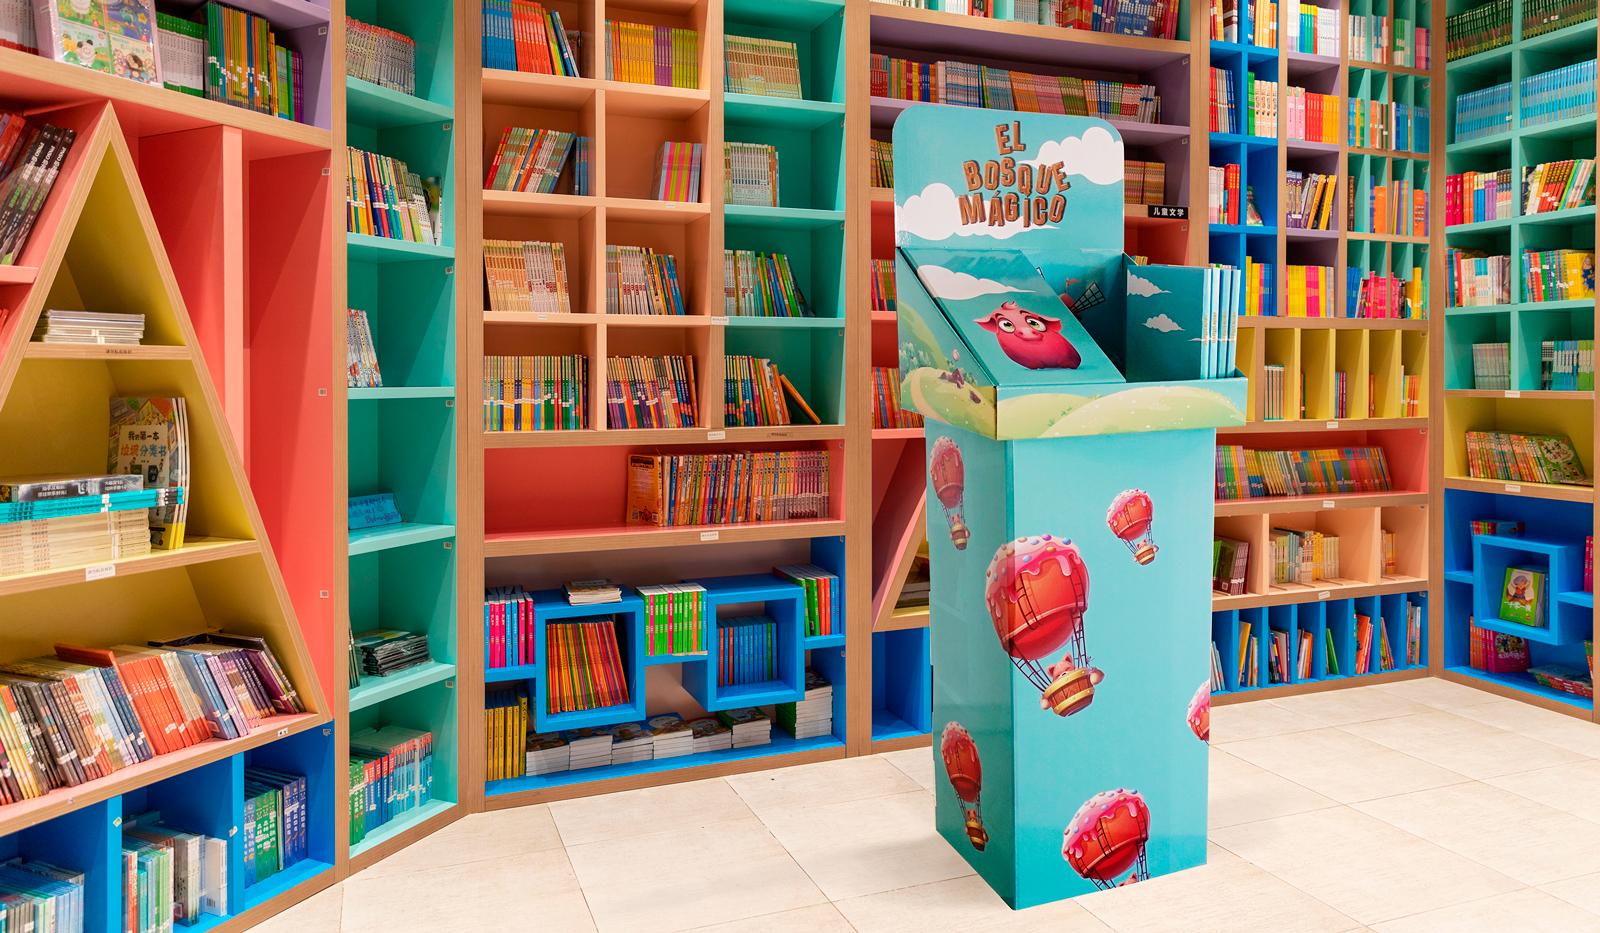 Aumenta las ventas a través del escaparate y el interior de la tienda